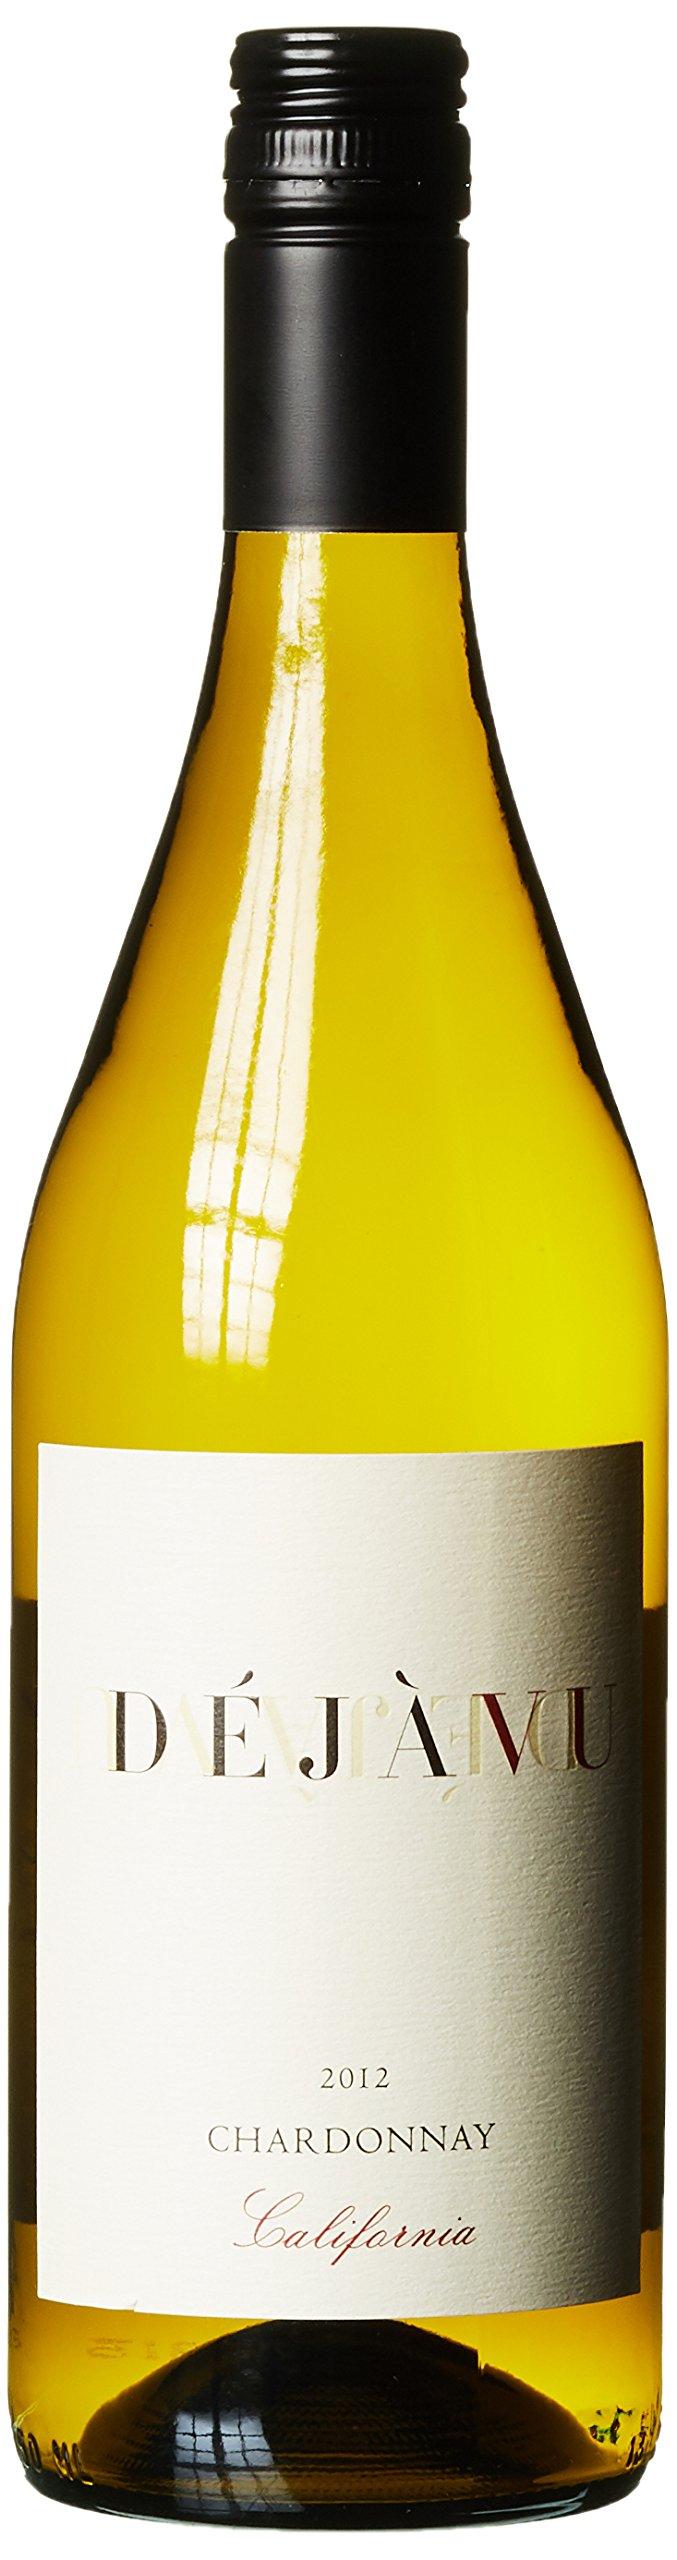 Dj-vu-Chardonnay-2012-trocken-3-x-075-l